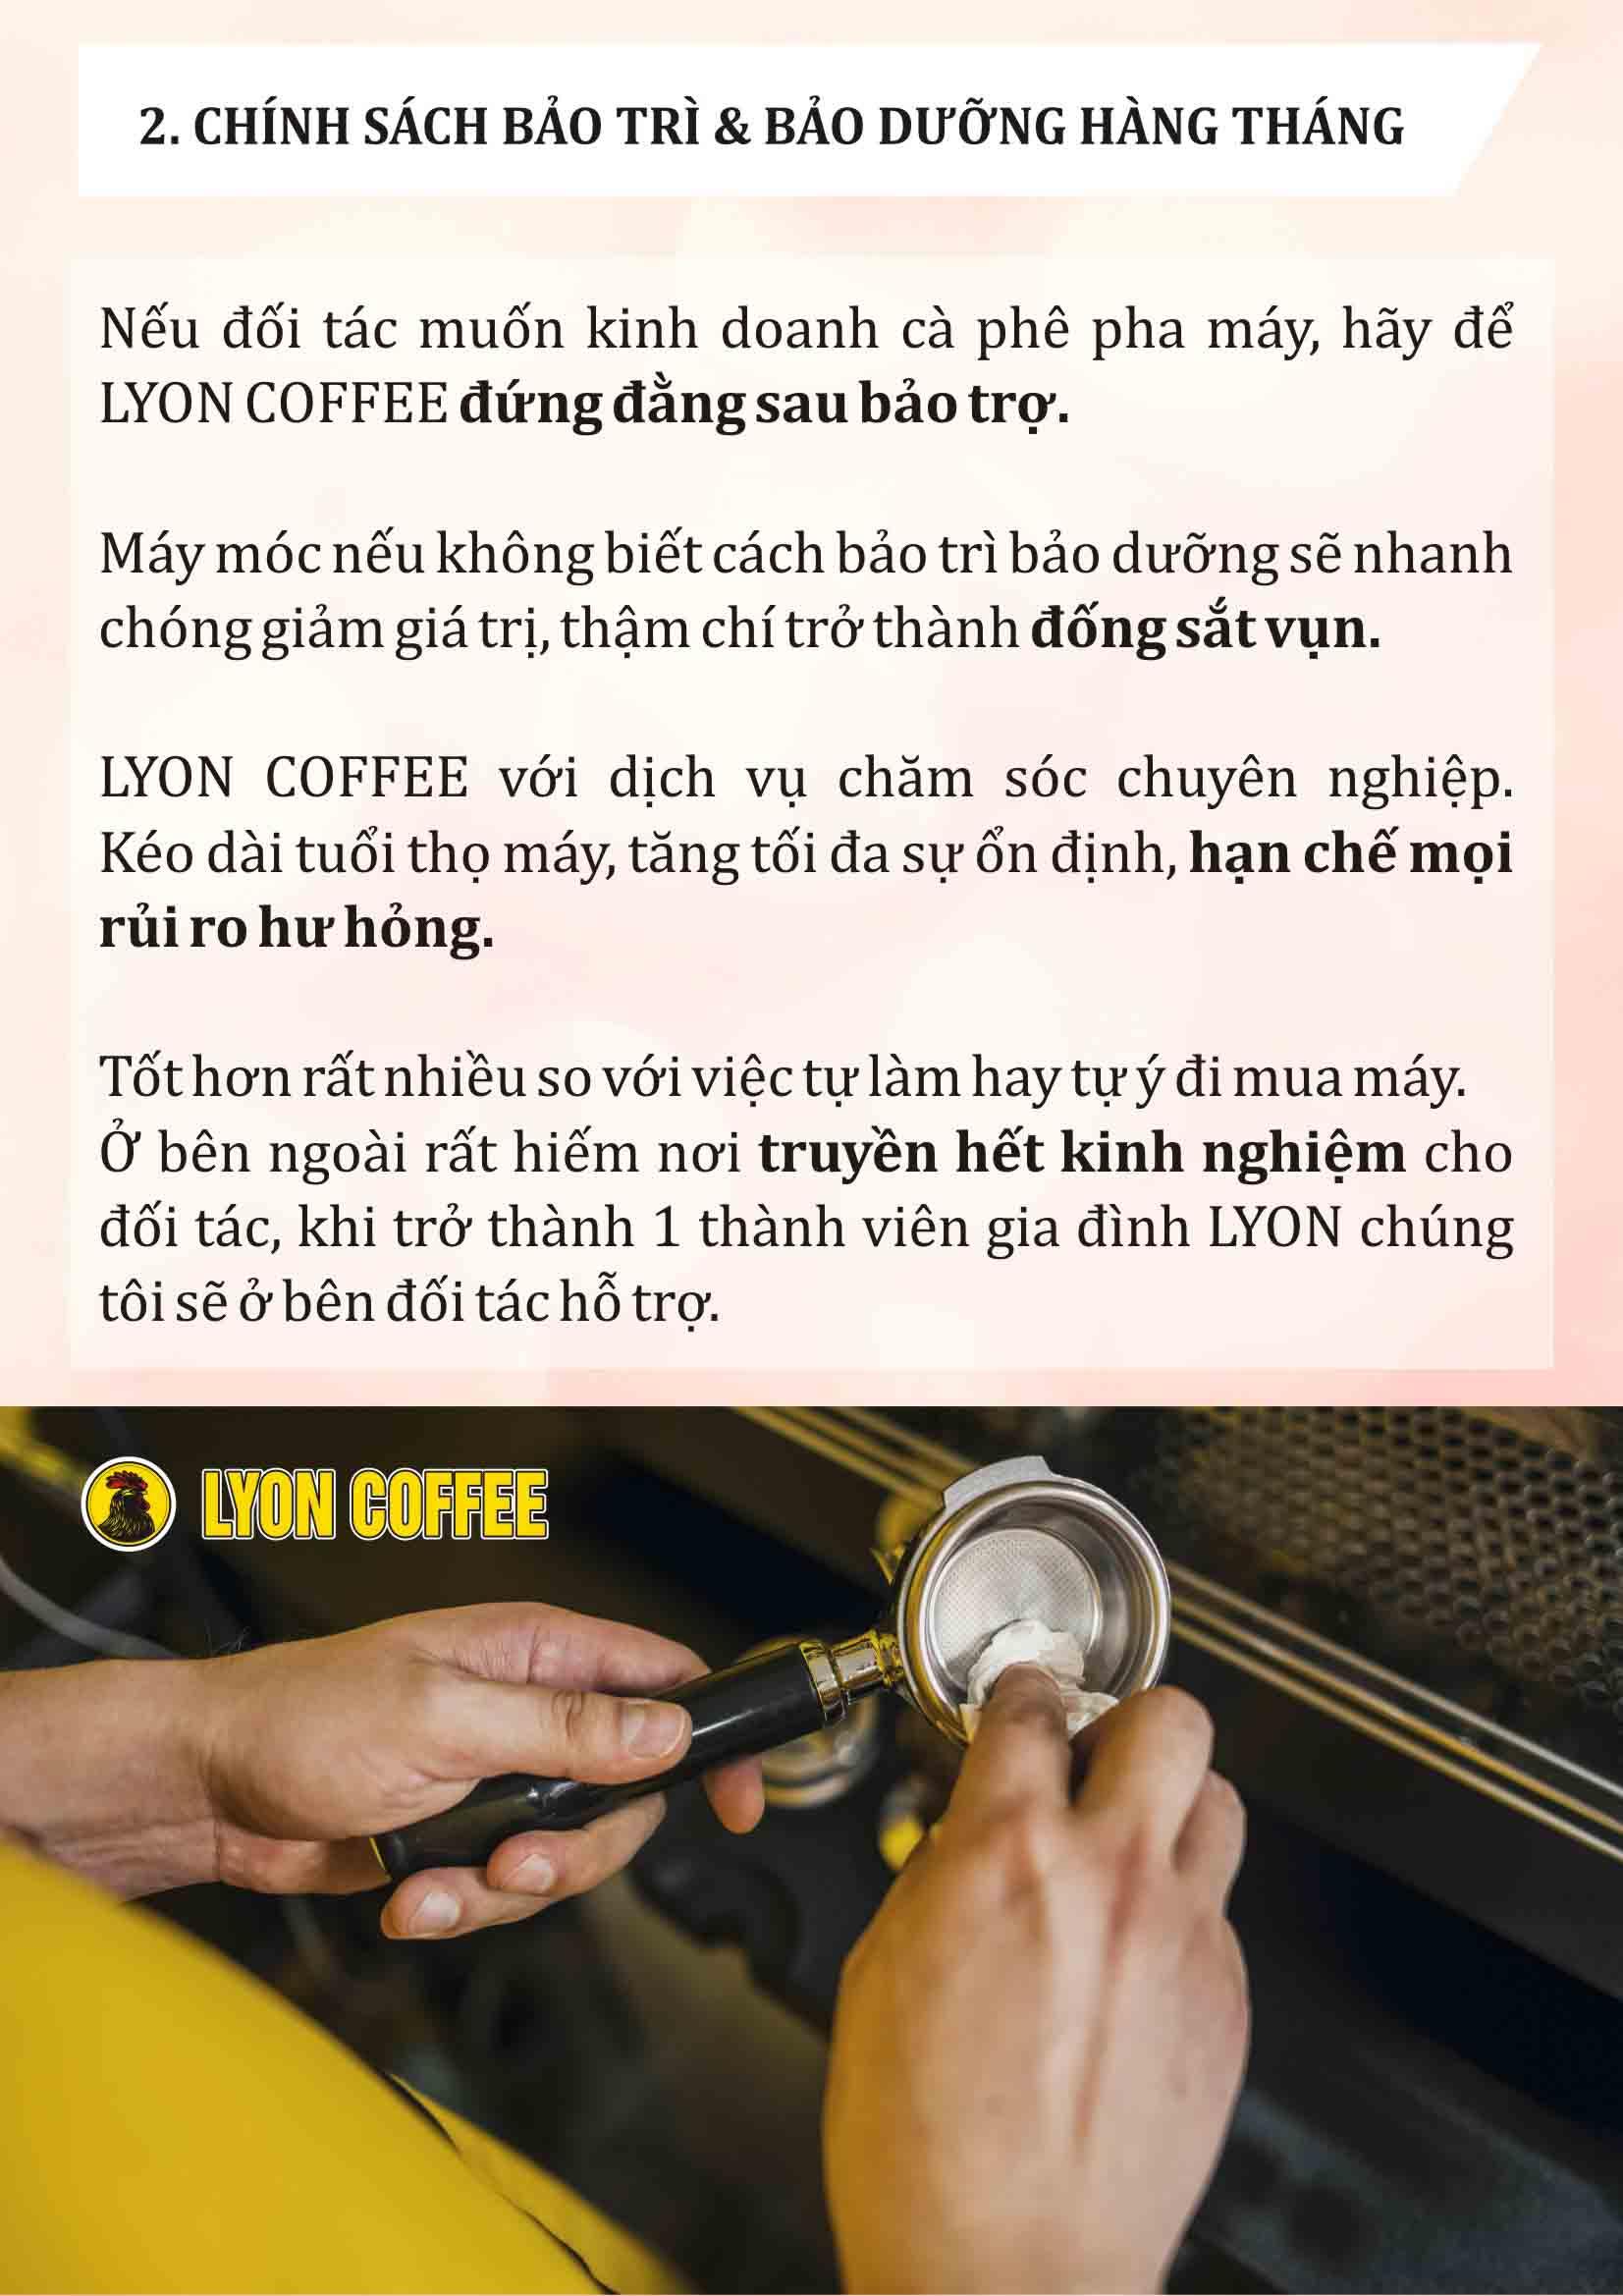 Chính sách bảo trì bảo dưỡng tuyệt vời khi hợp tác với Lyon Coffee